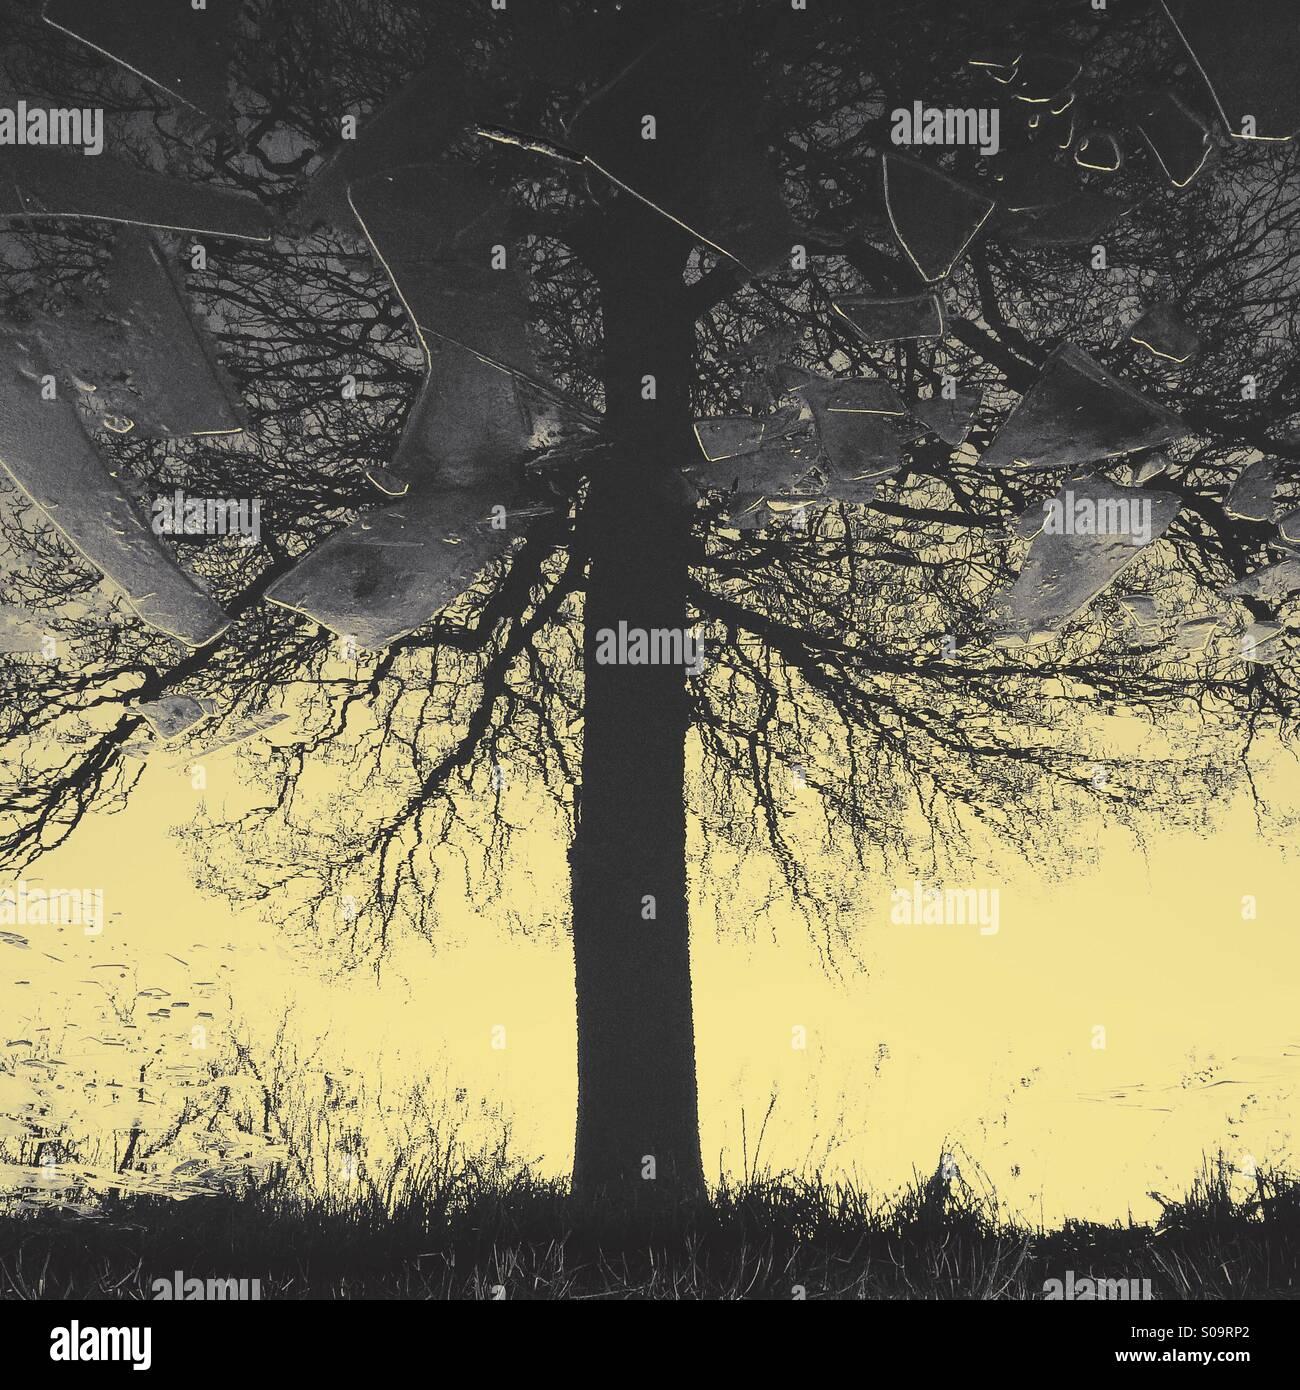 Canal de glace dans l'arbre Photo Stock